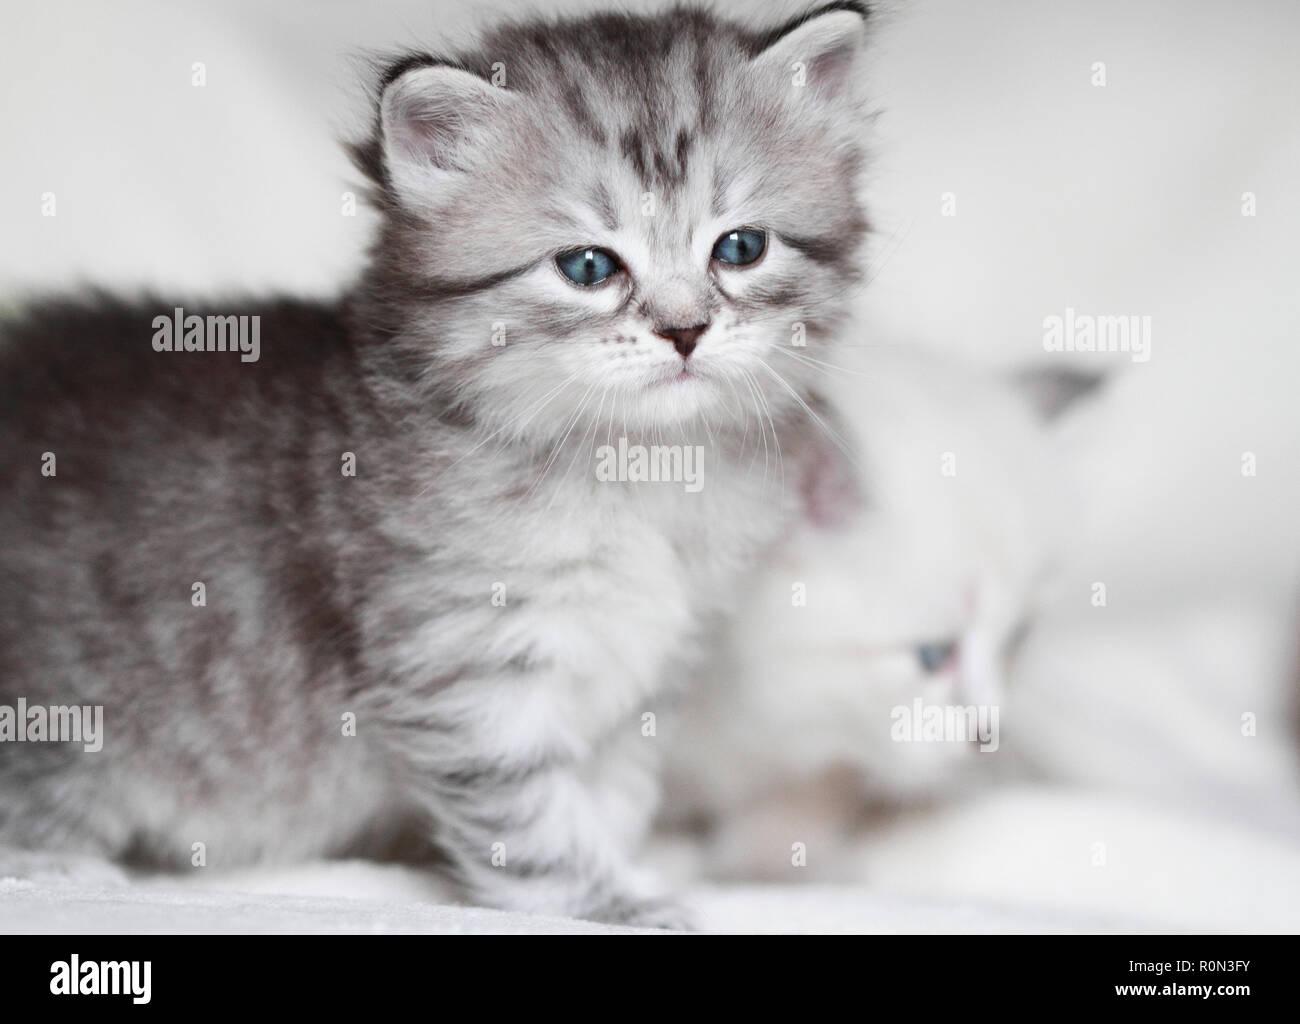 Adorable Welpen Katze auf dem Schnee Stockfoto